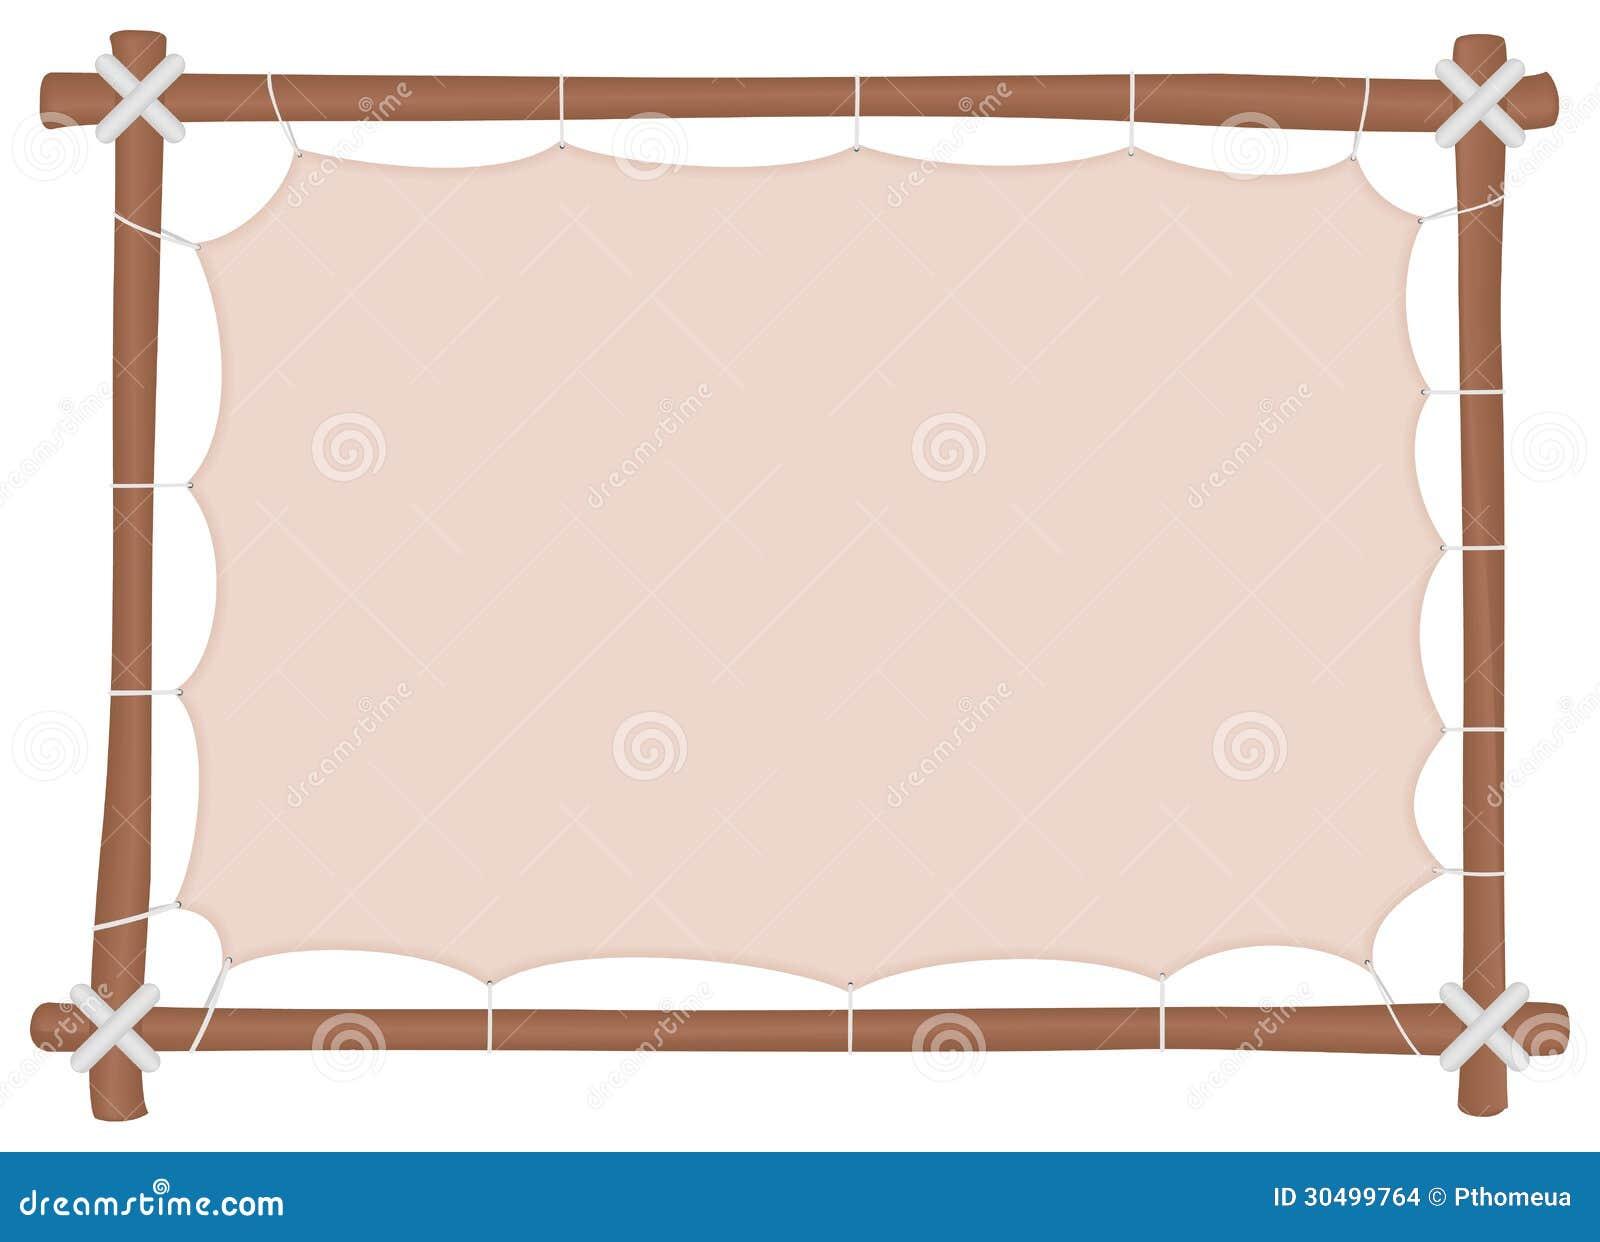 Image Pour Mettre Dans Un Cadre cadre en bois avec une toile étirée et un endroit pour